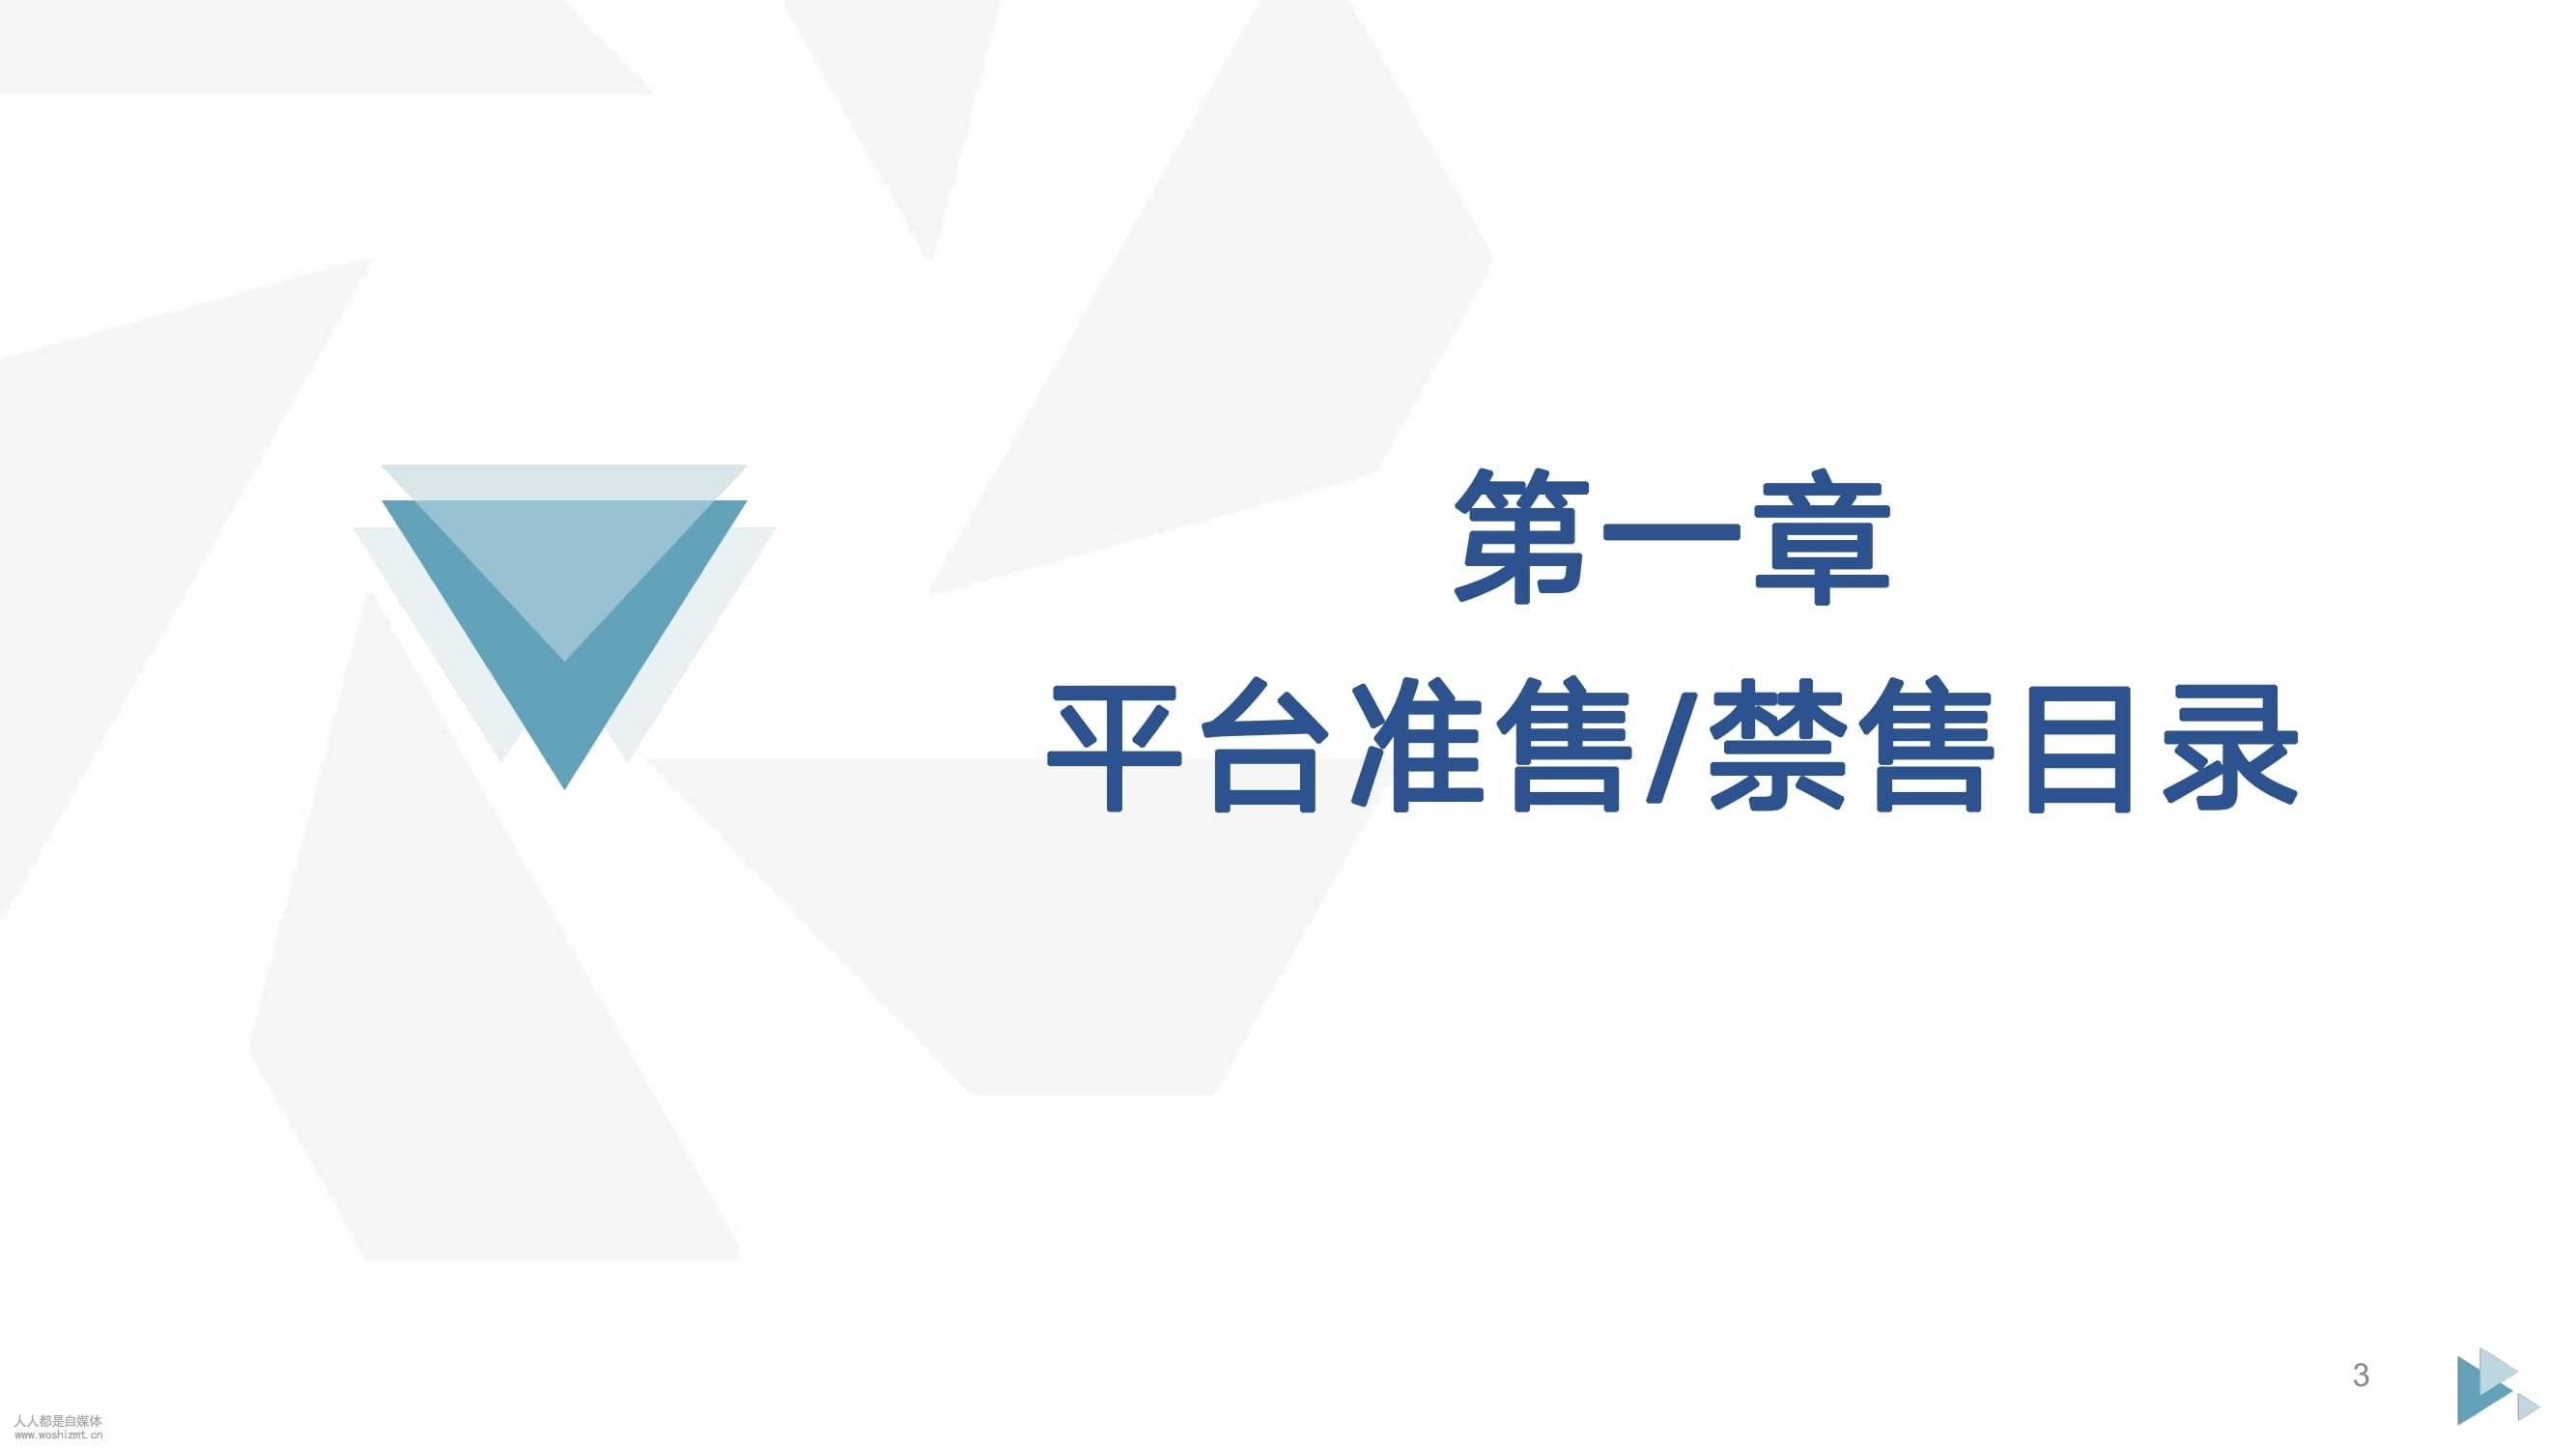 玉石商家抖音运营手册:禁售产品、断播禁用词汇 短视频 第2张